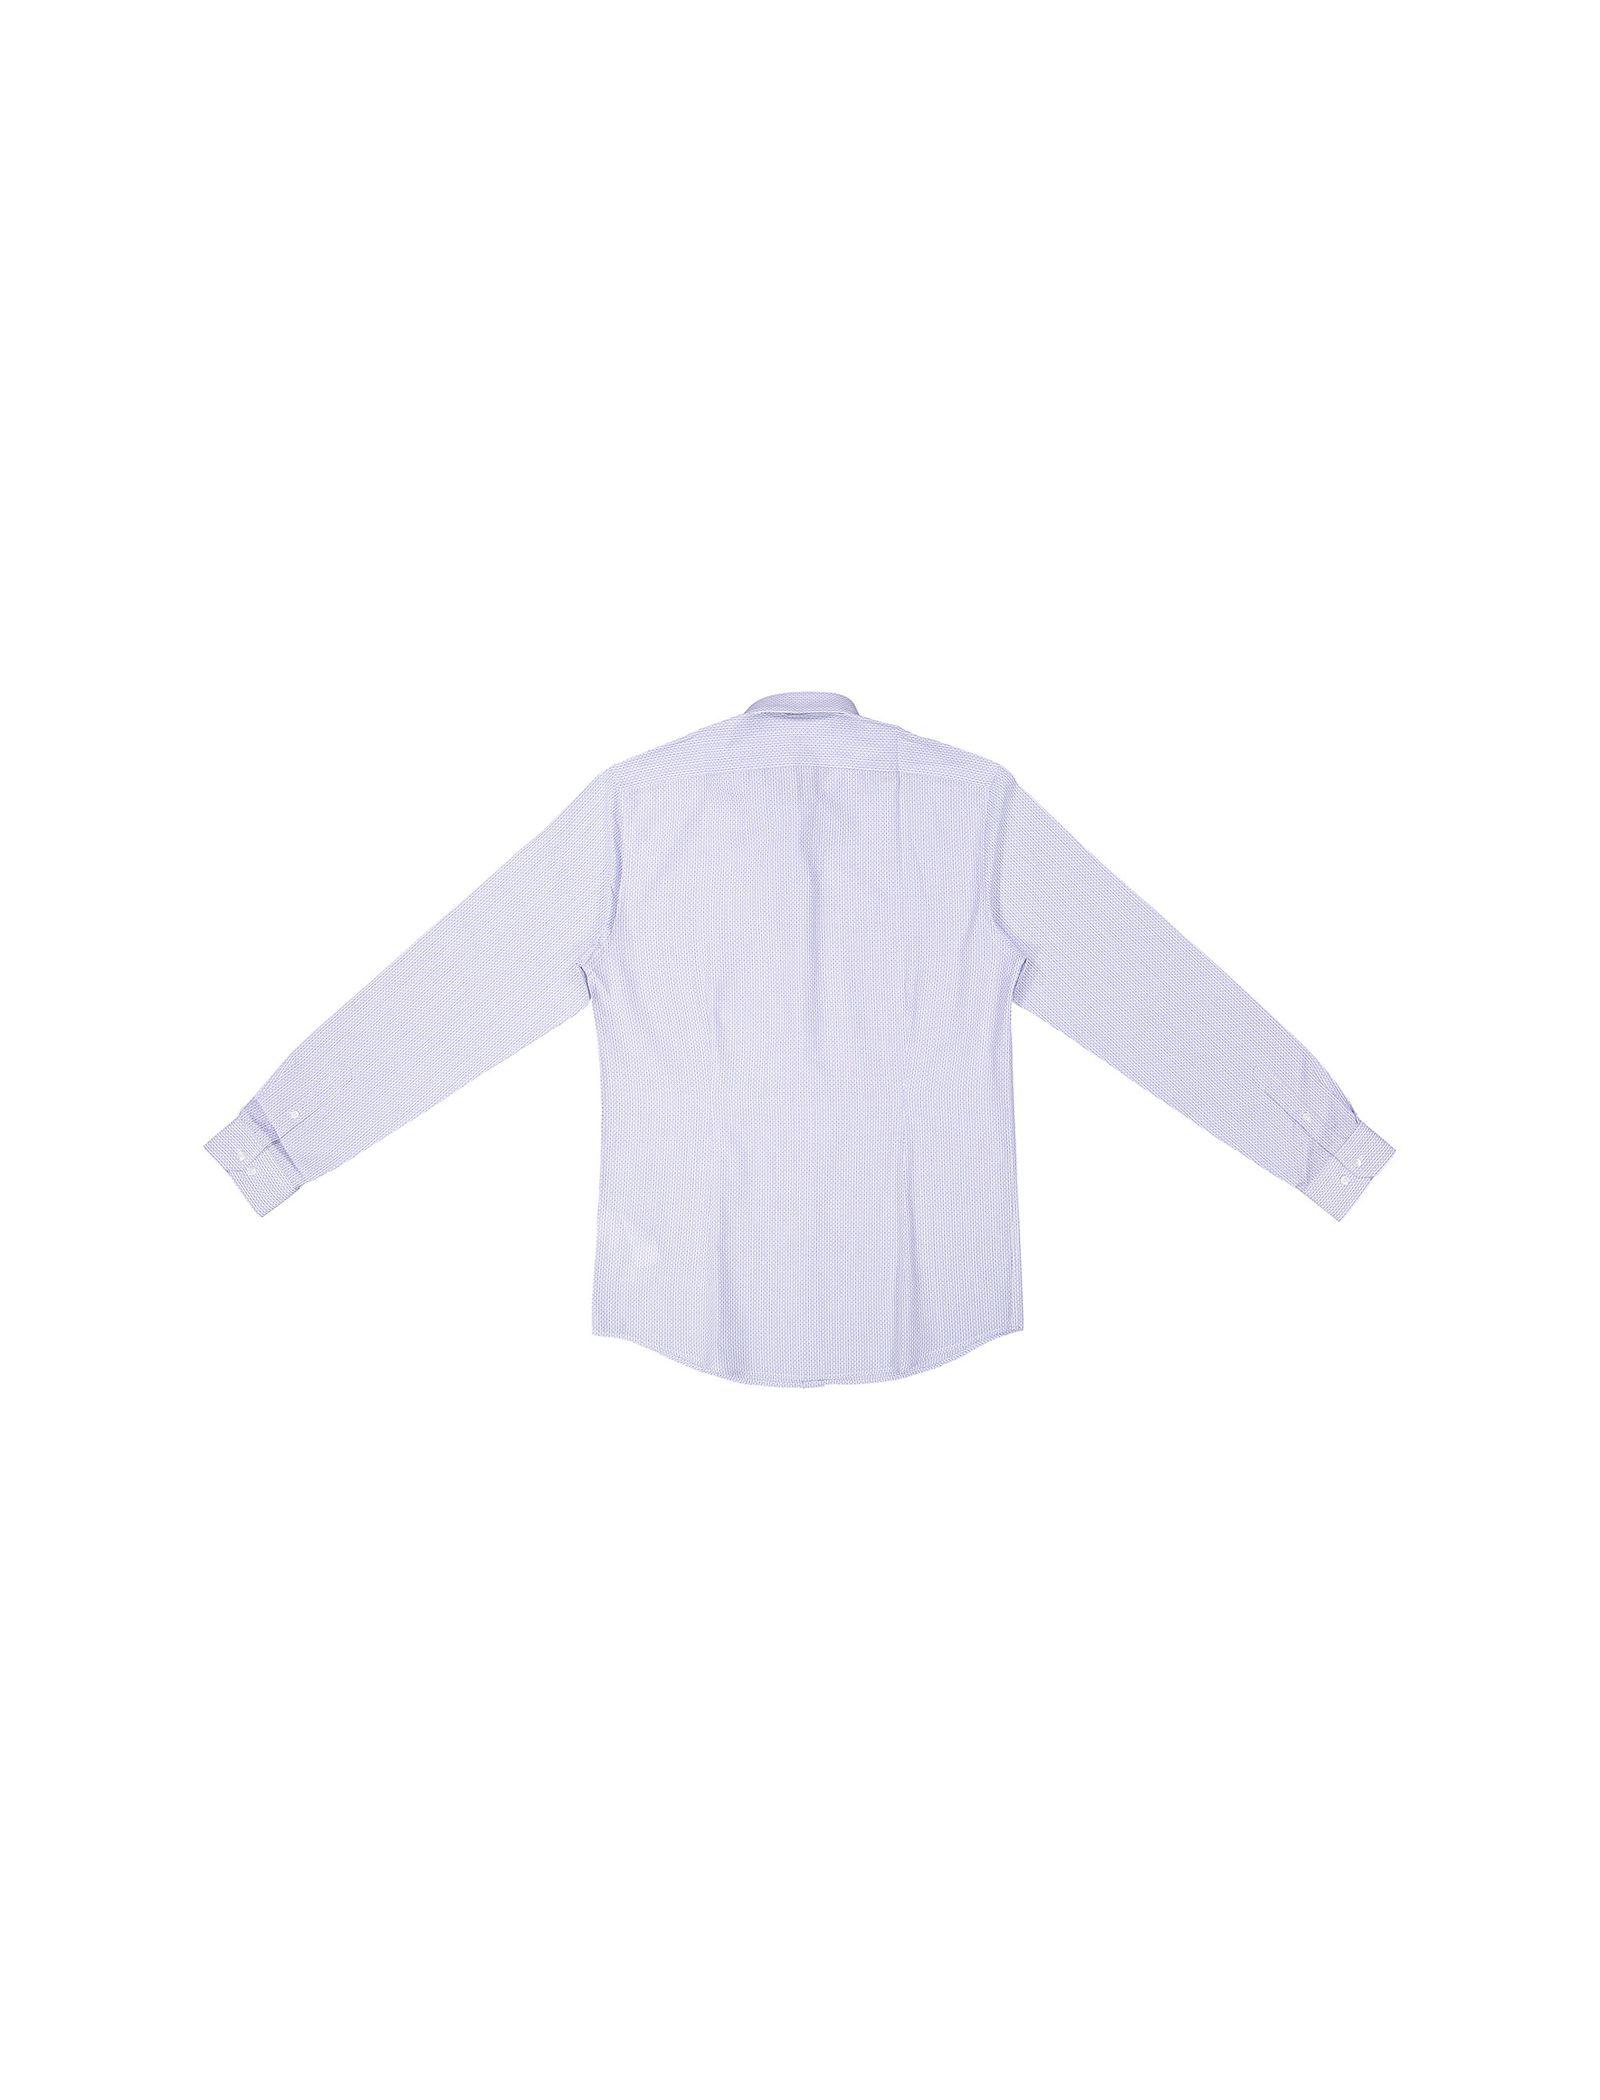 پیراهن رسمی مردانه - رد هرینگ - آبي روشن - 5